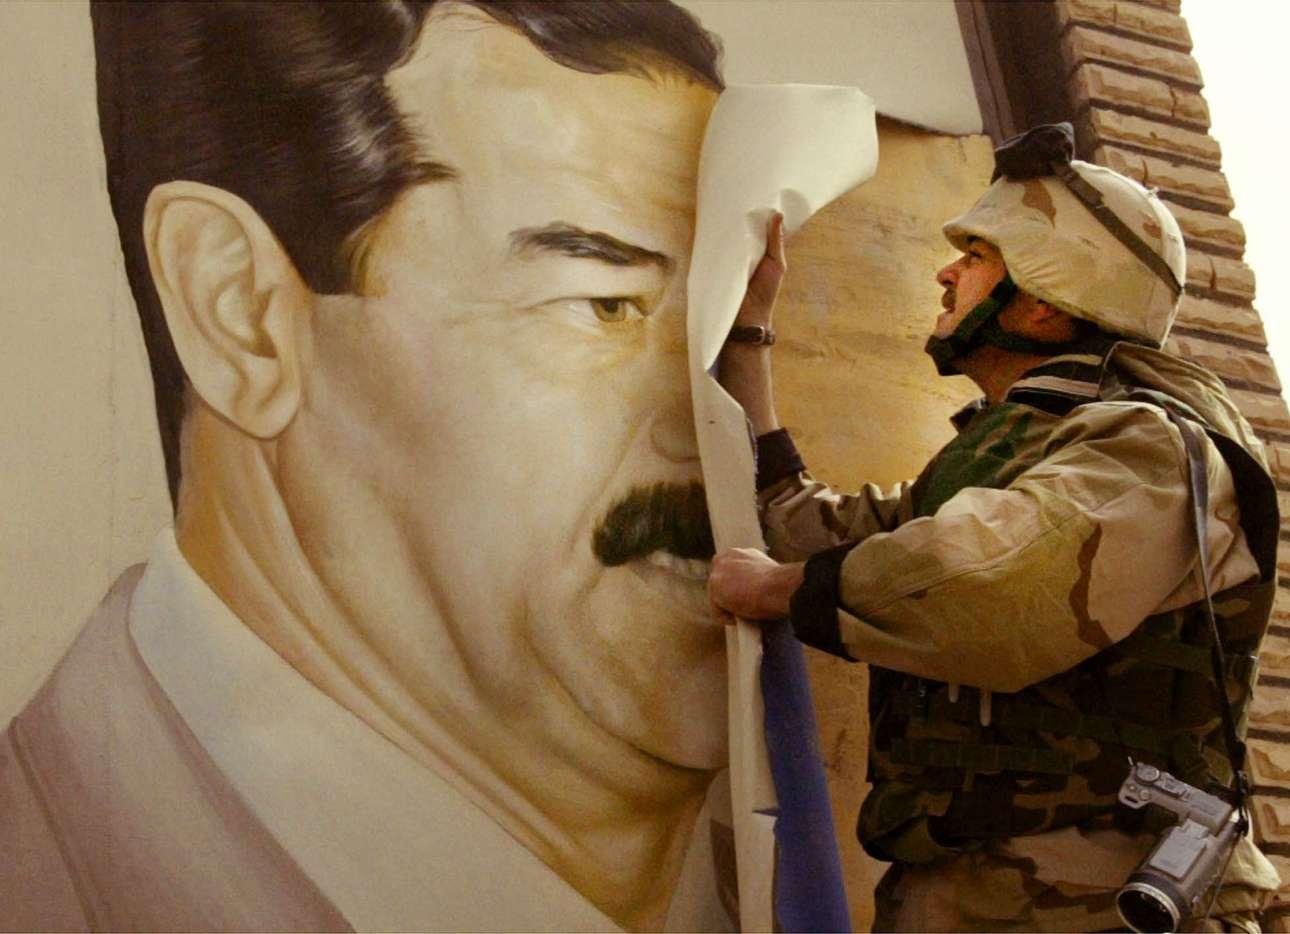 Αμερικανός στρατιώτης ξεκολλά ένα πόστερ του Σαντάμ Χουσεΐν στην πόλη Σαφκάν του Ιράκ στις 21 Μαρτίου του 2003. Το χάος κυριαρχούσε στο νότιο Ιράκ καθώς οι συμμαχικές δυνάμεις συνέχιζαν τις προσπάθειές τους να ανατρέψουν τον ιρακινό πρόεδρο